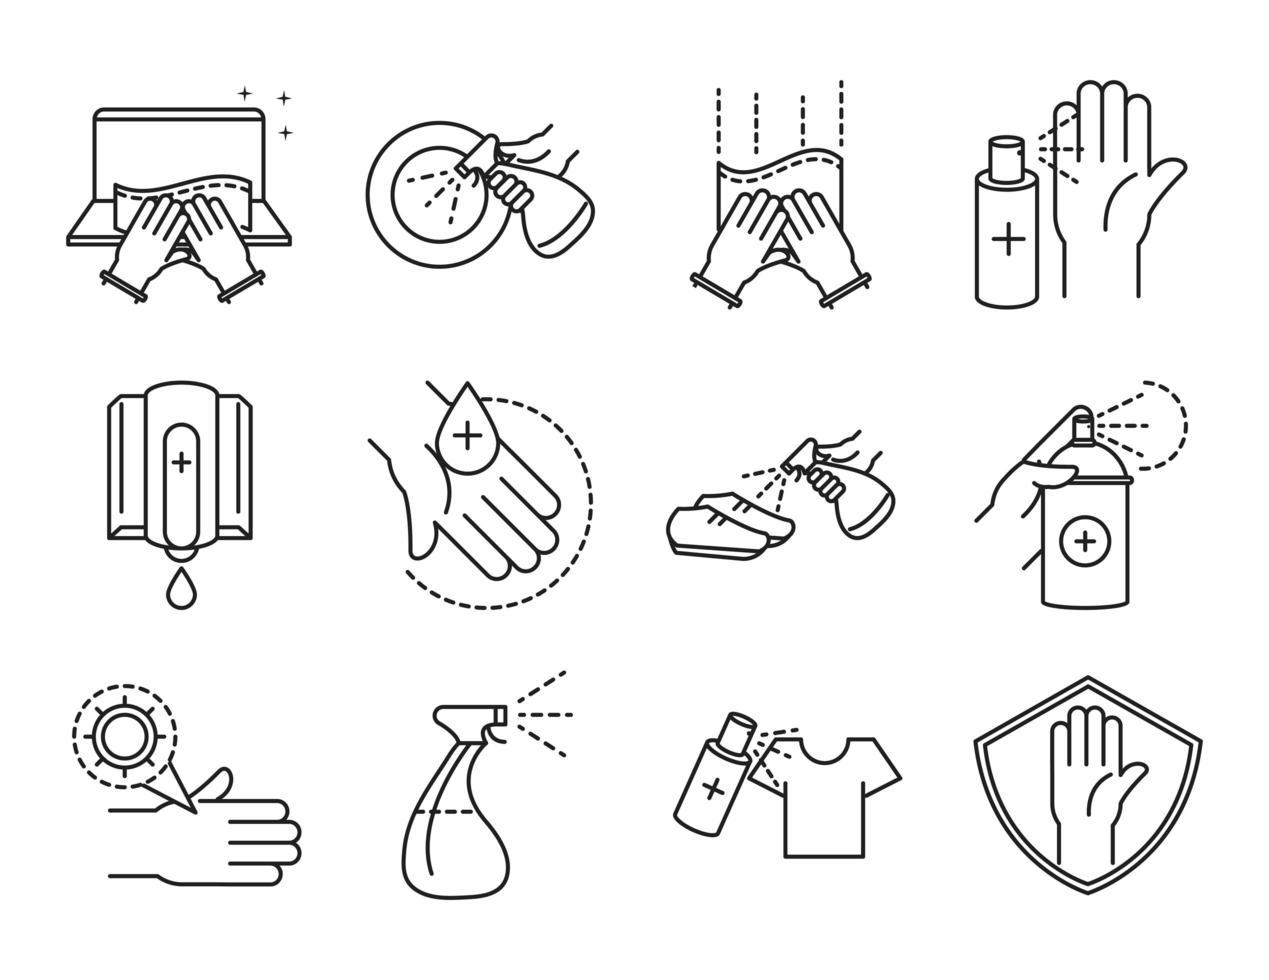 paquete de iconos de pictogramas de contorno de limpieza y desinfección vector